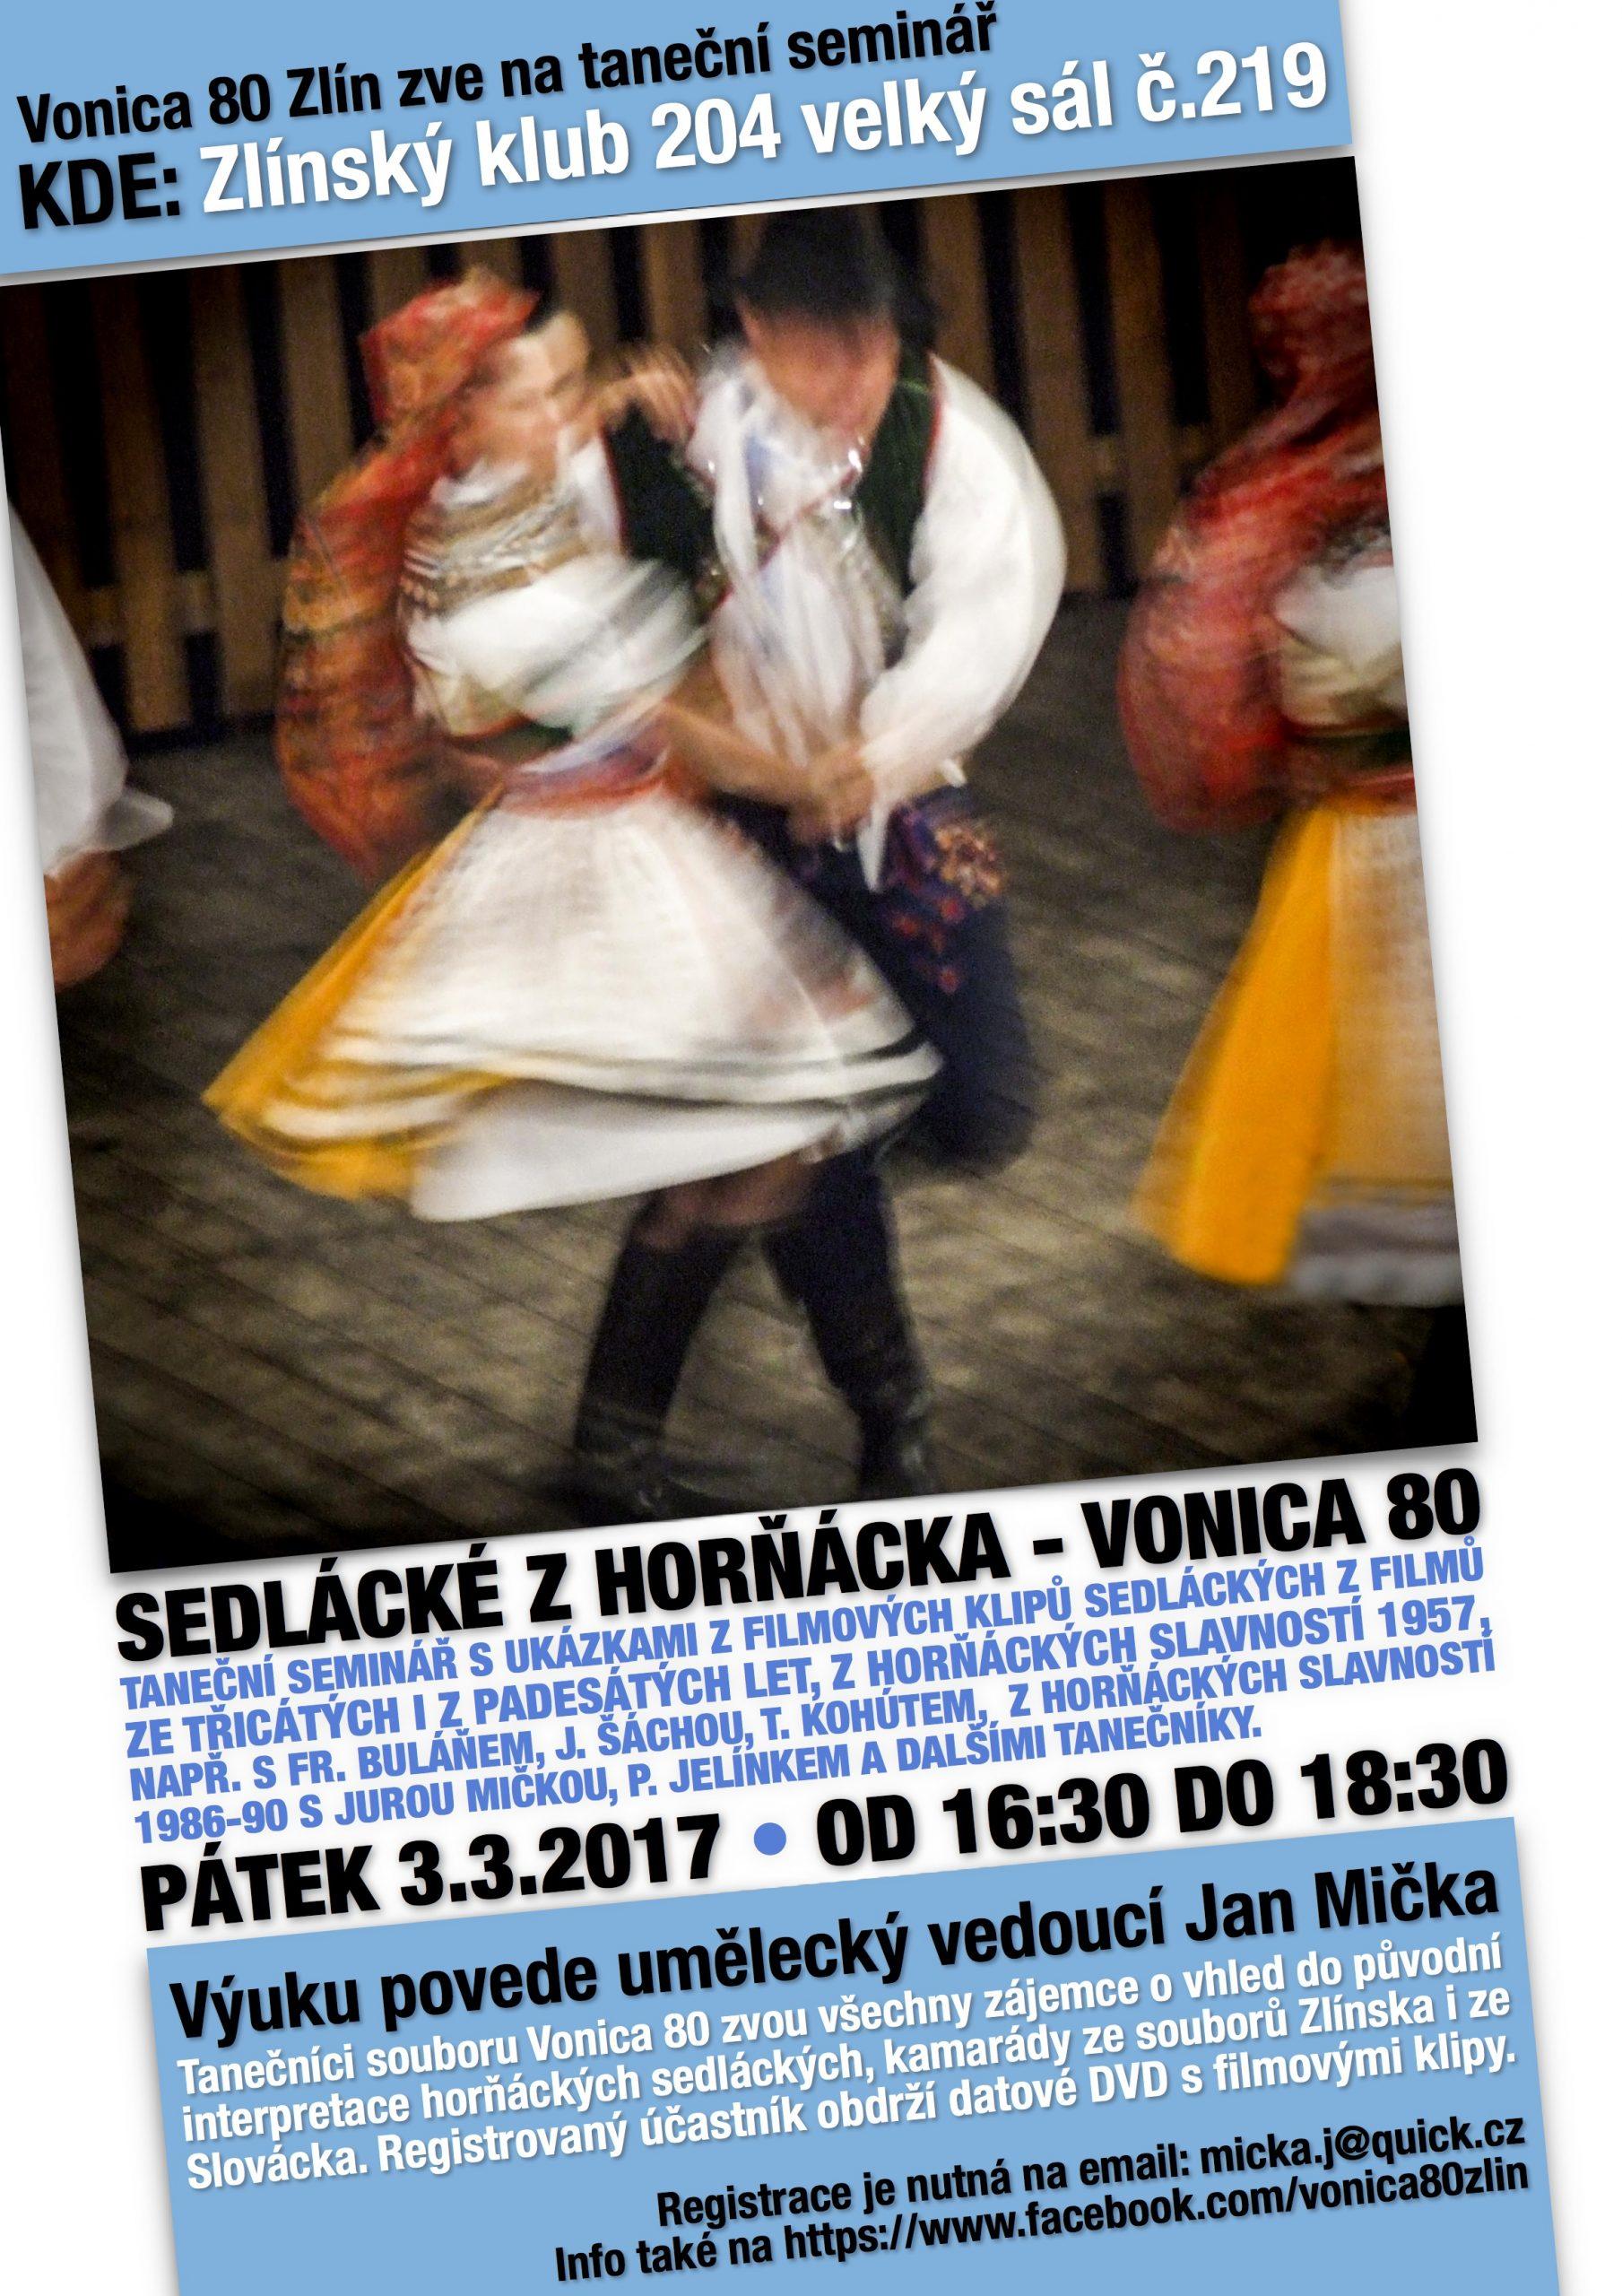 Taneční seminář Sedlácké z Horňácka